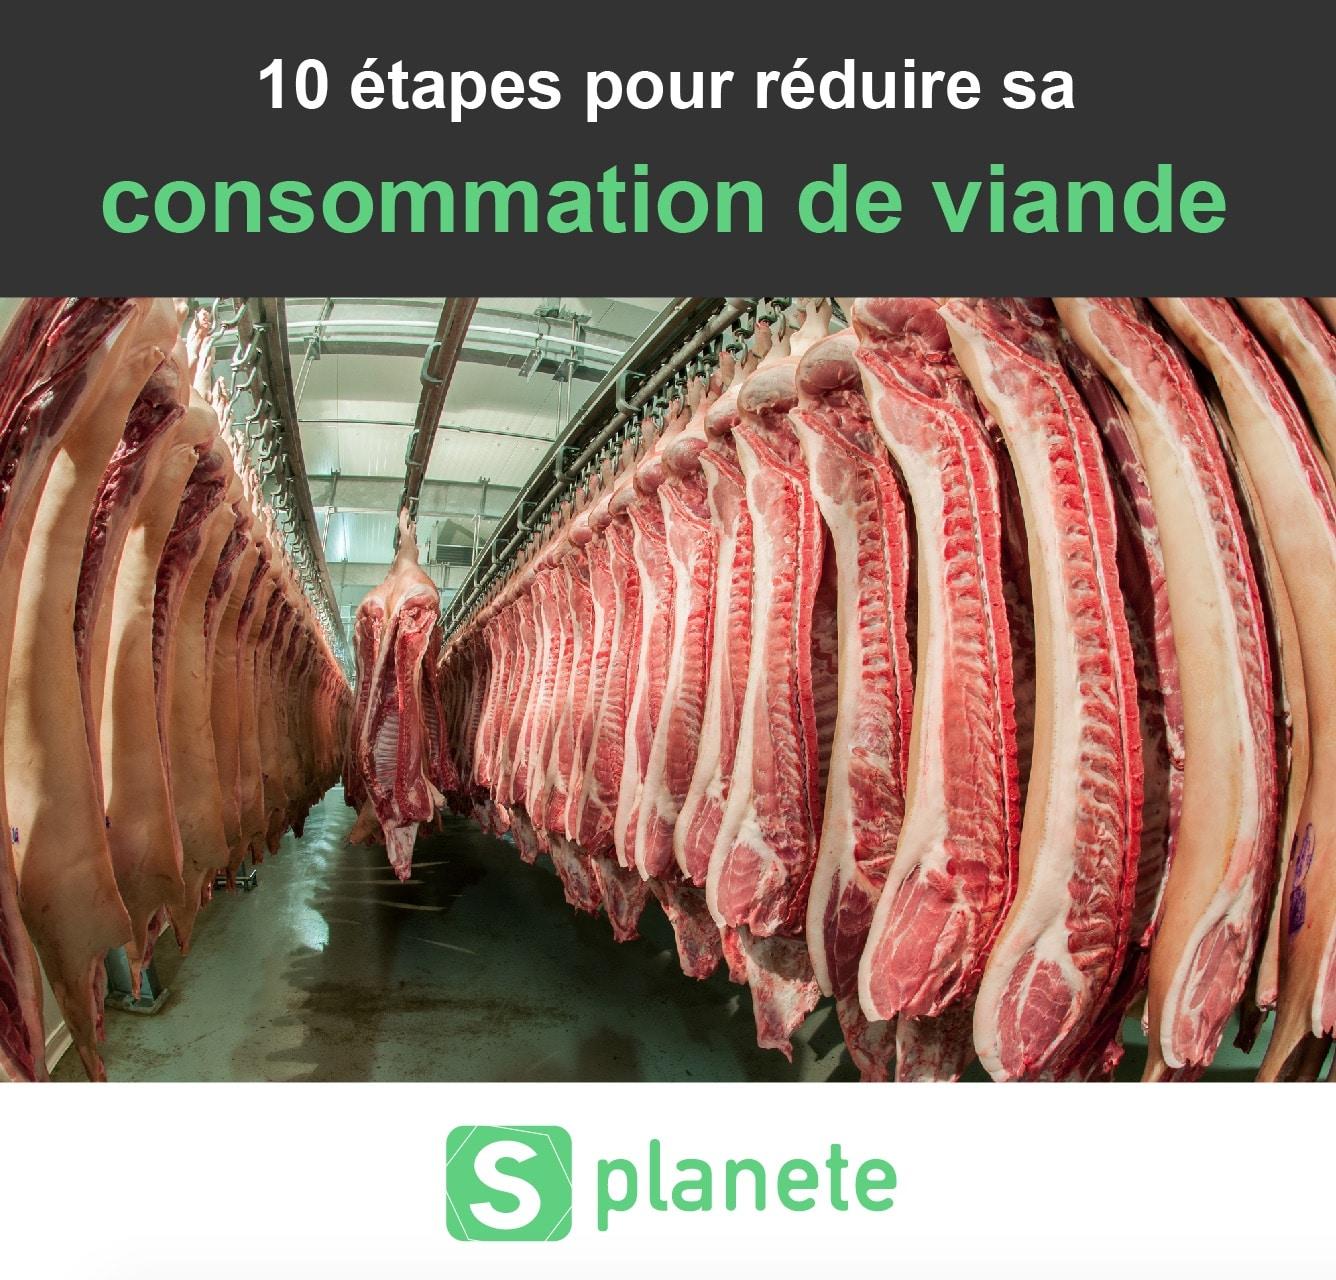 réduire sa consommation de viande